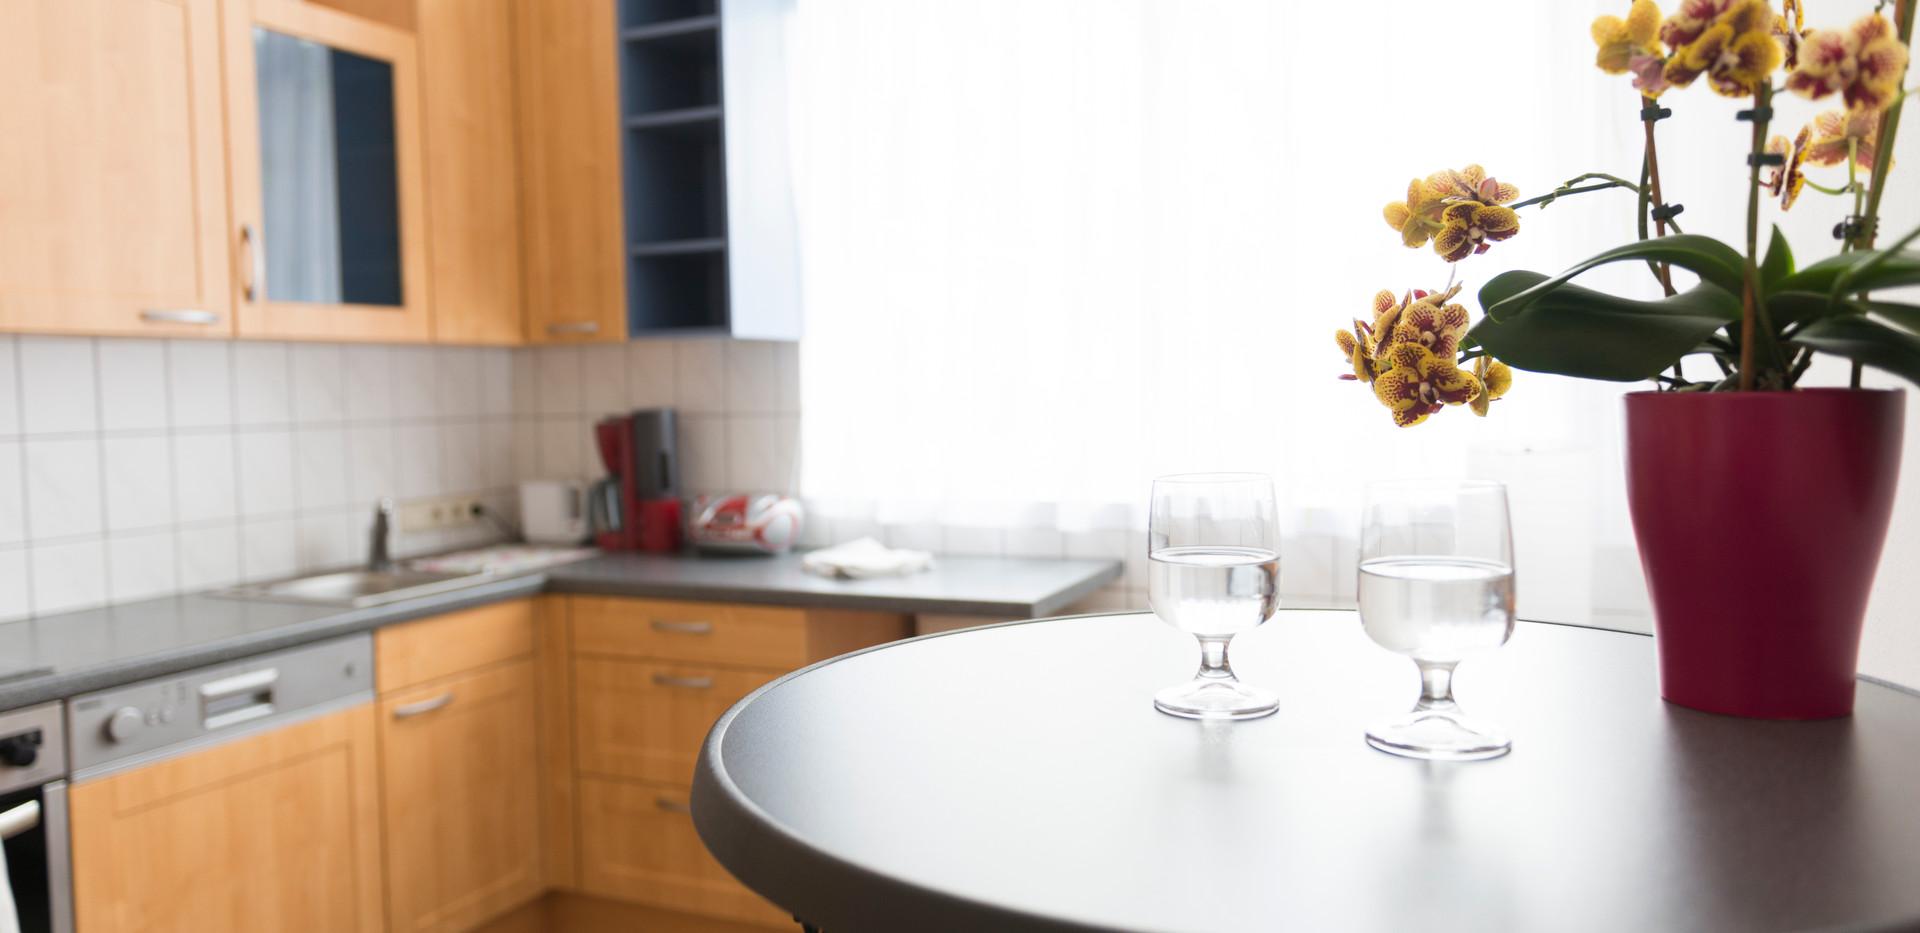 Küche mit Blume